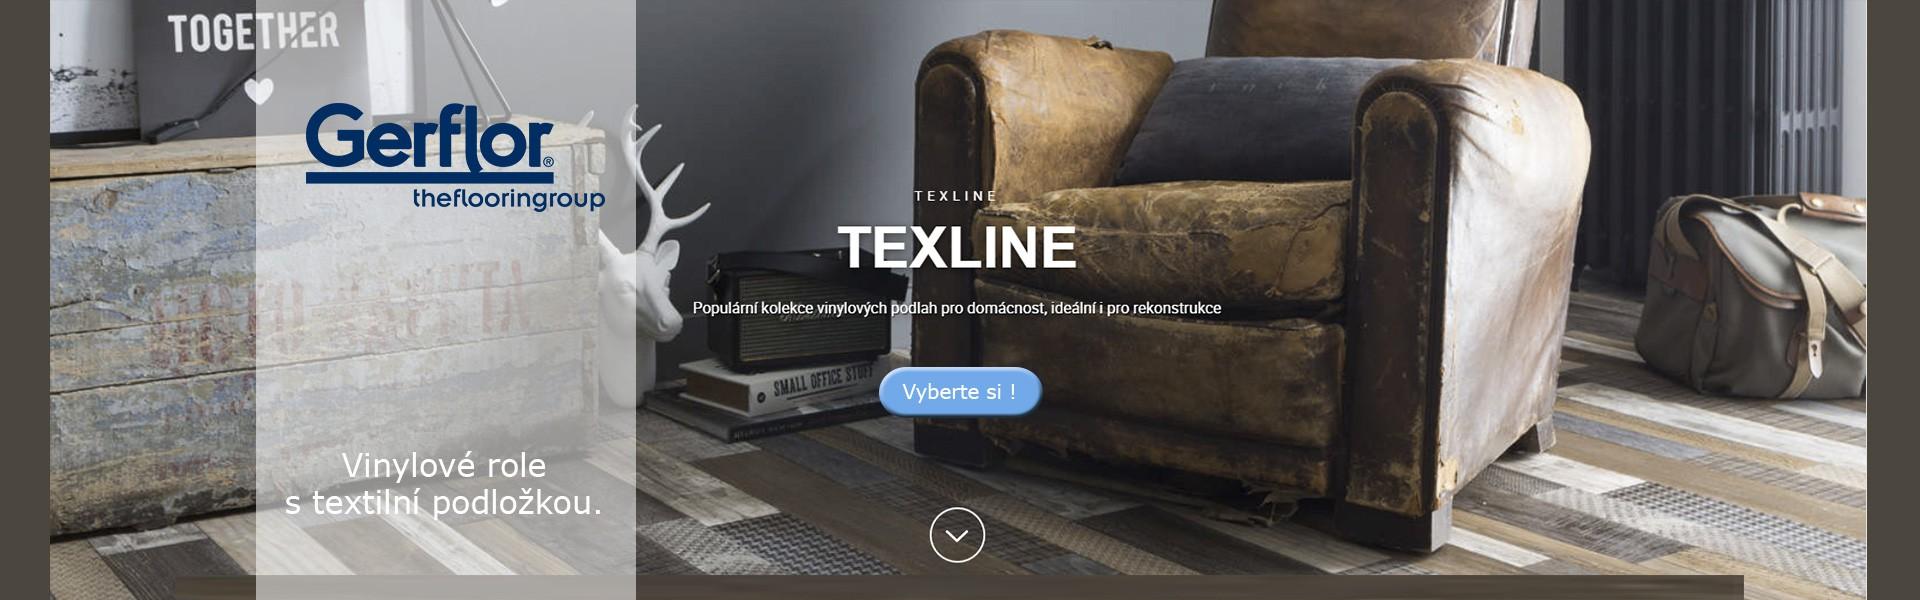 Gerflor TEXLINE - Vinylová podlaha v rolích s unikátní textilní podložkou.